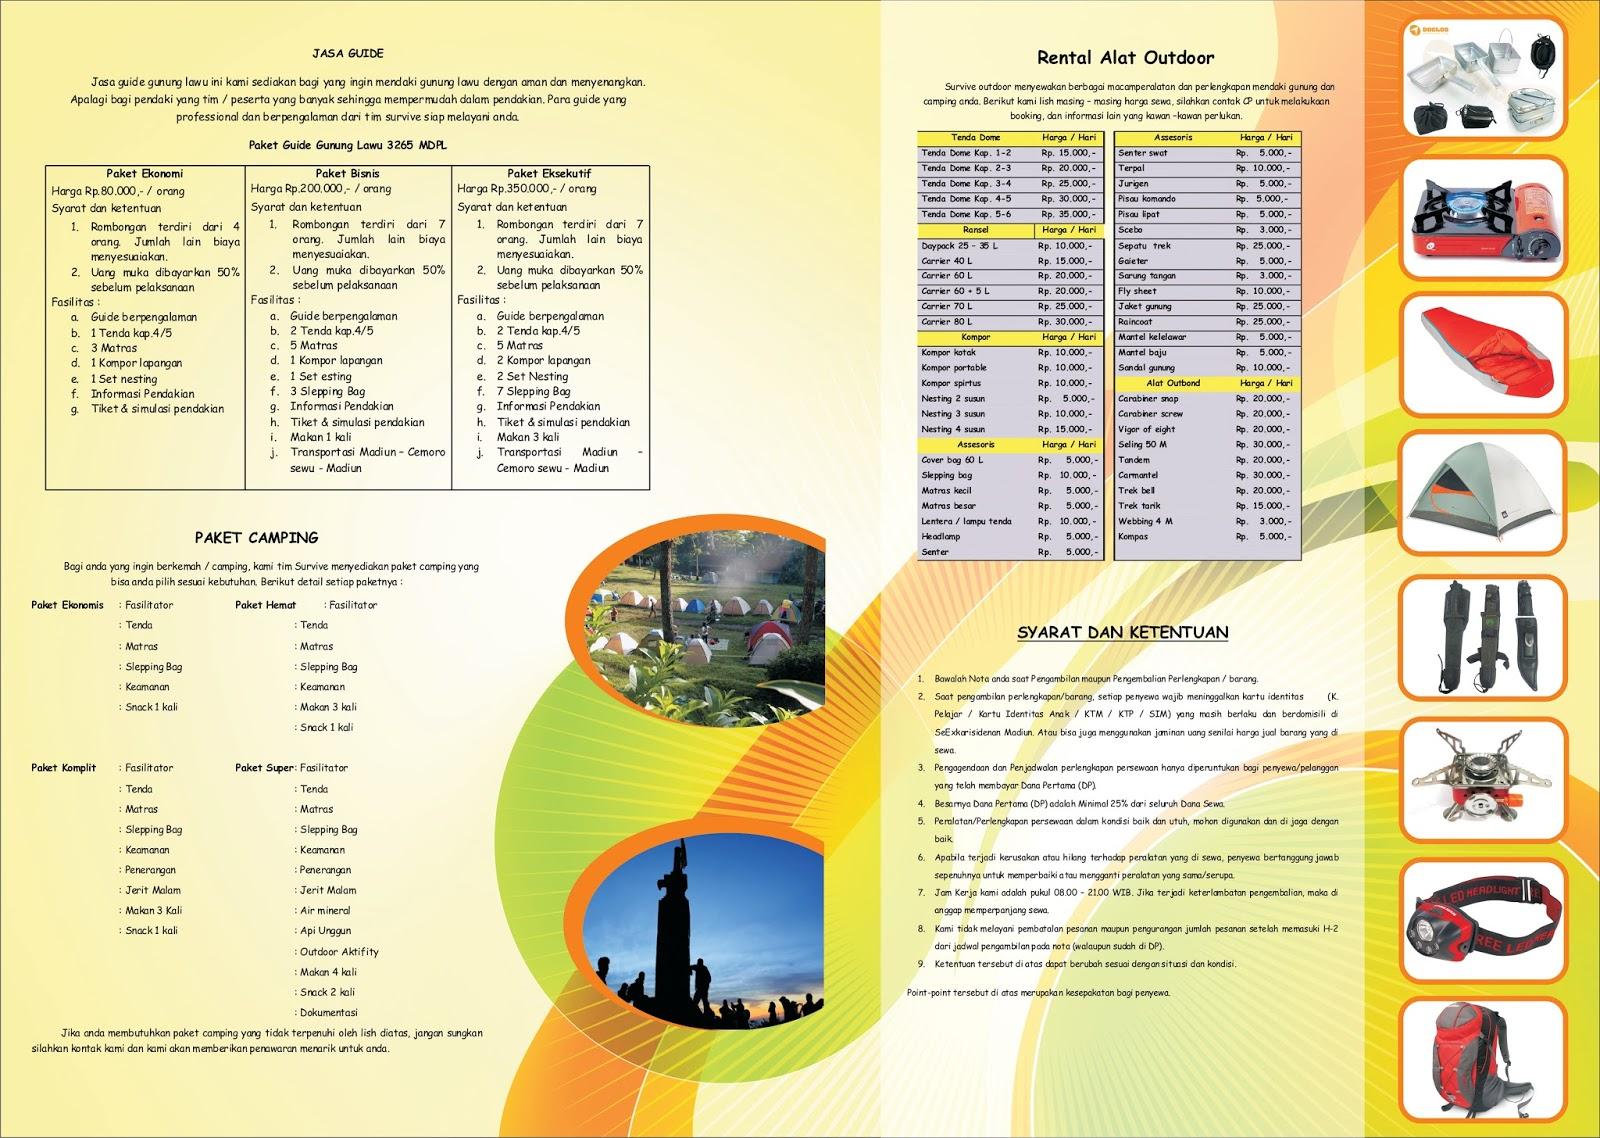 Outbound Madiun Outdoor Rental Alat Tas Tenda Kap 4 5 6 085736227850